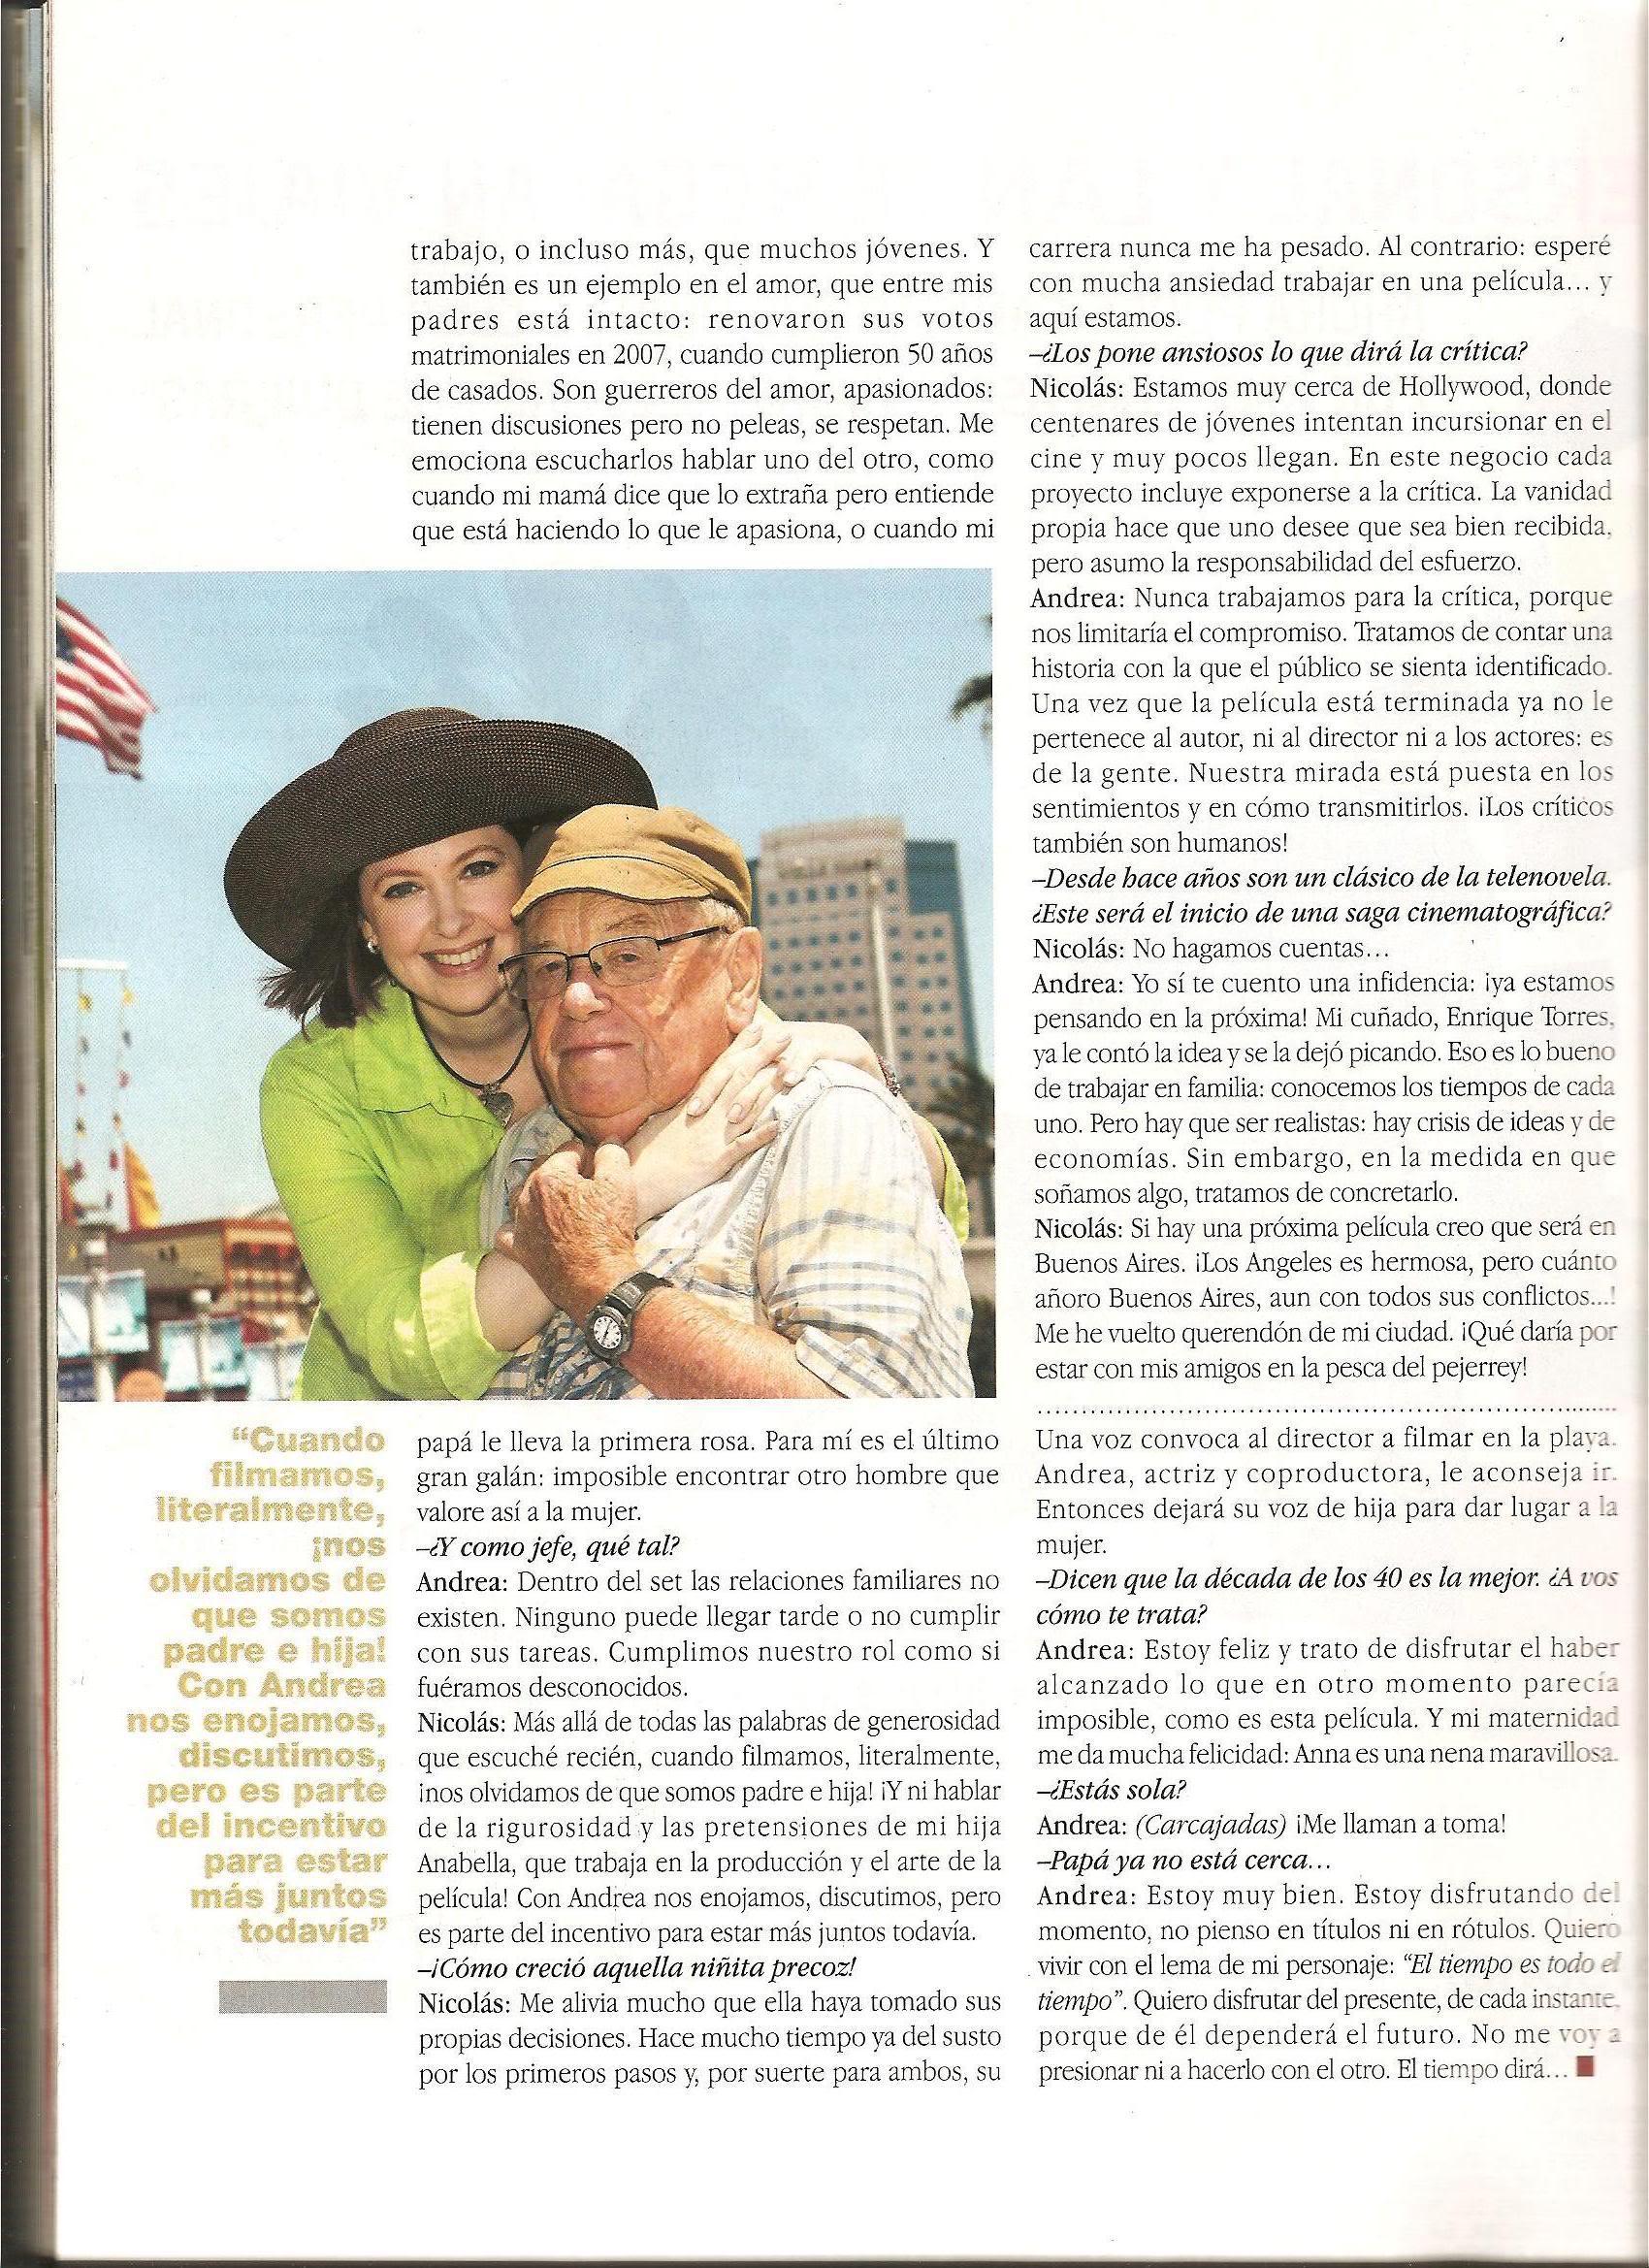 Andrea en revistas (agosto 2009) Imagen005